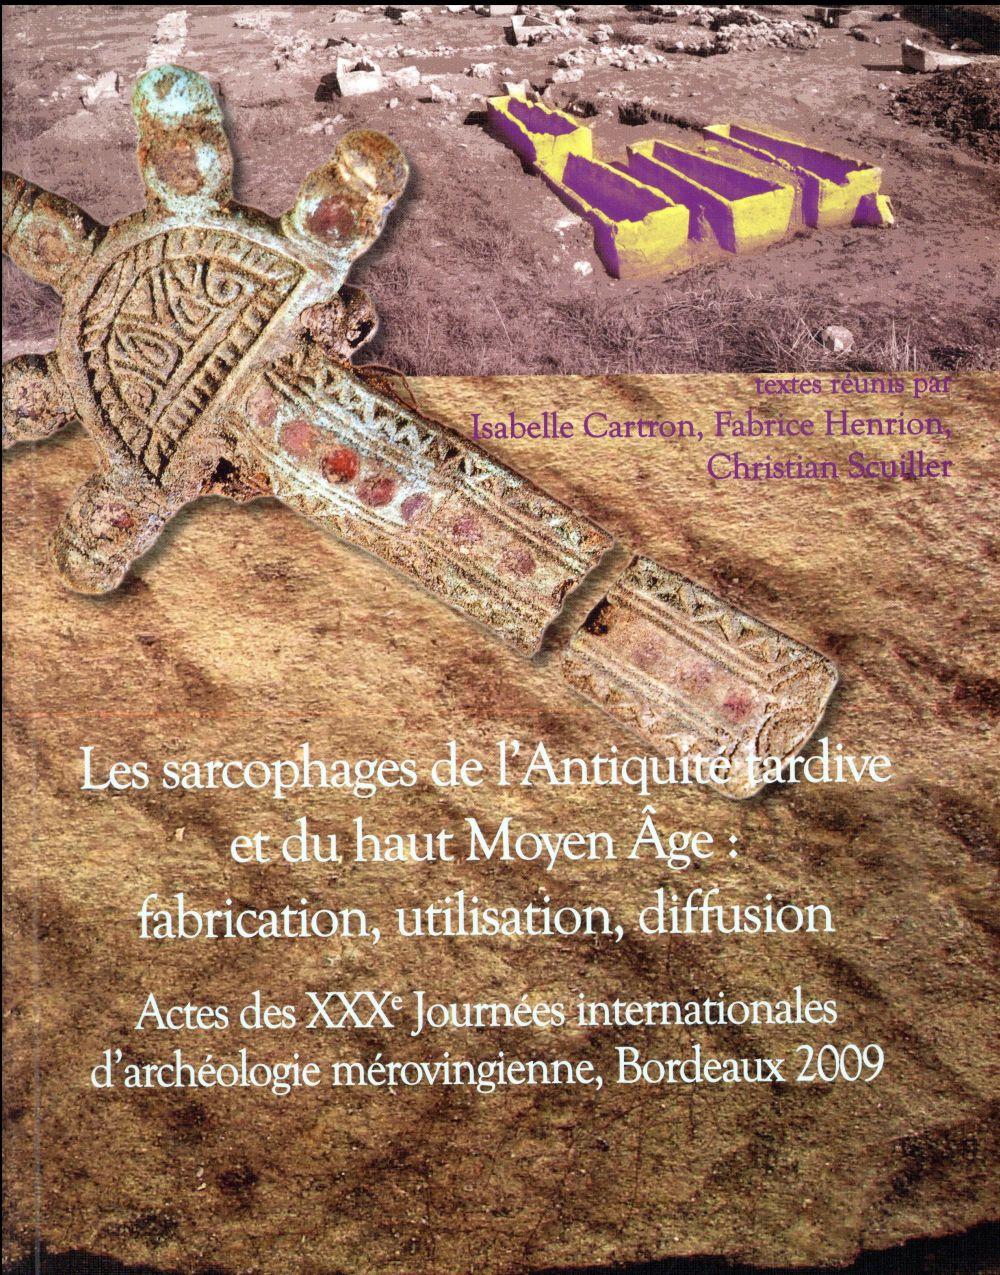 SARCOPHAGES DE L ANTIQUITE TARDIVE ET DU HAUTMOYEN AGE